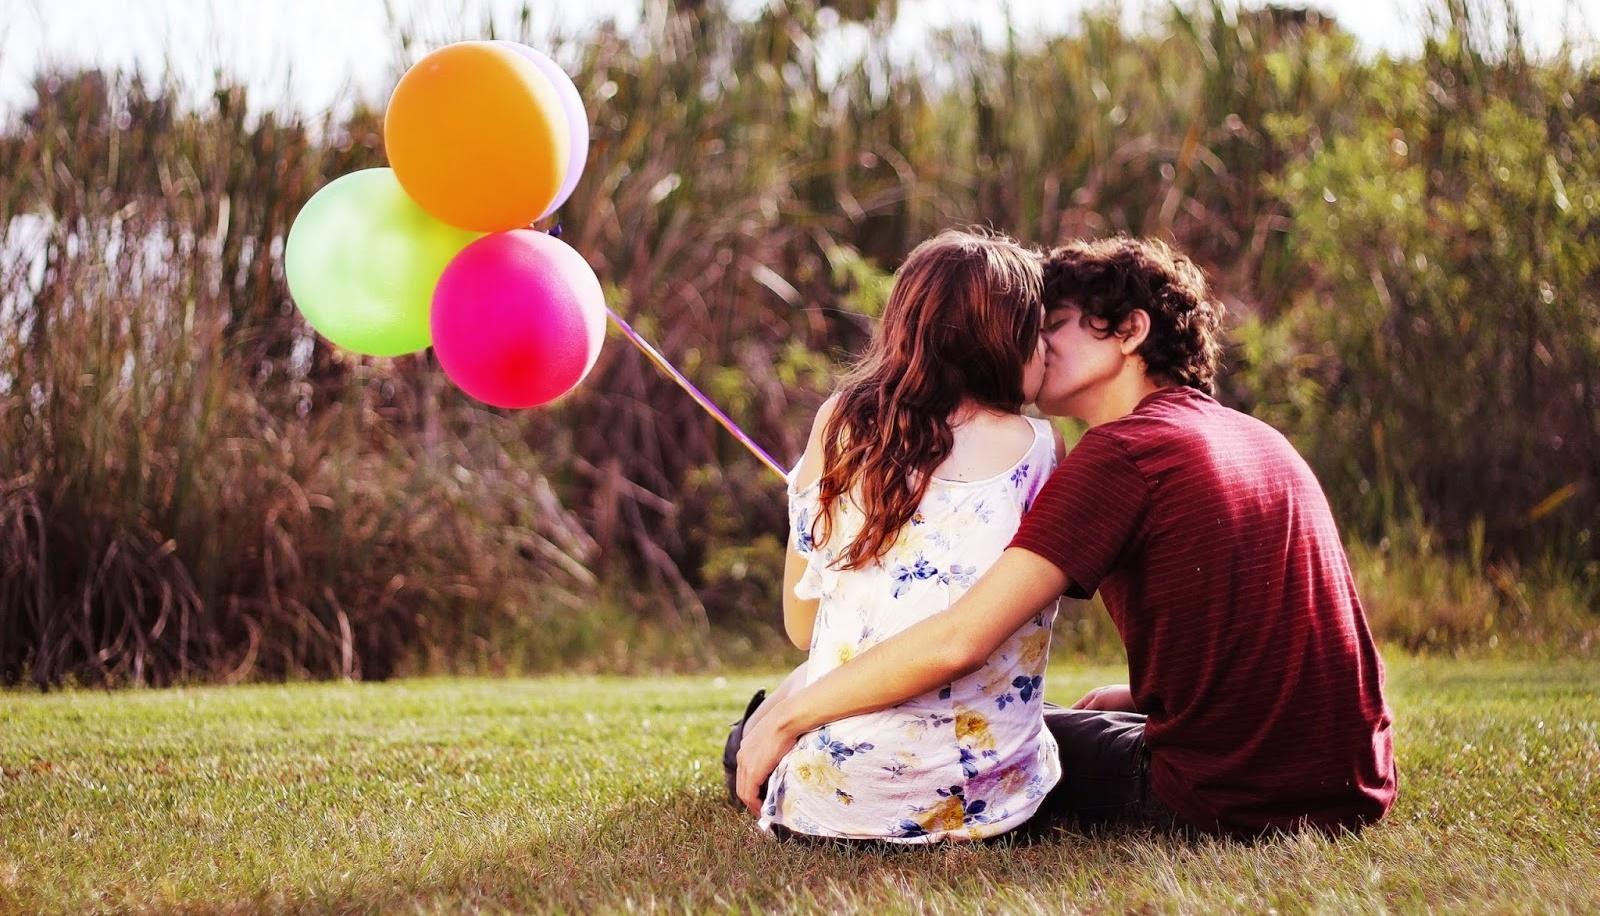 Fotos de casal apaixonado se beijando 89